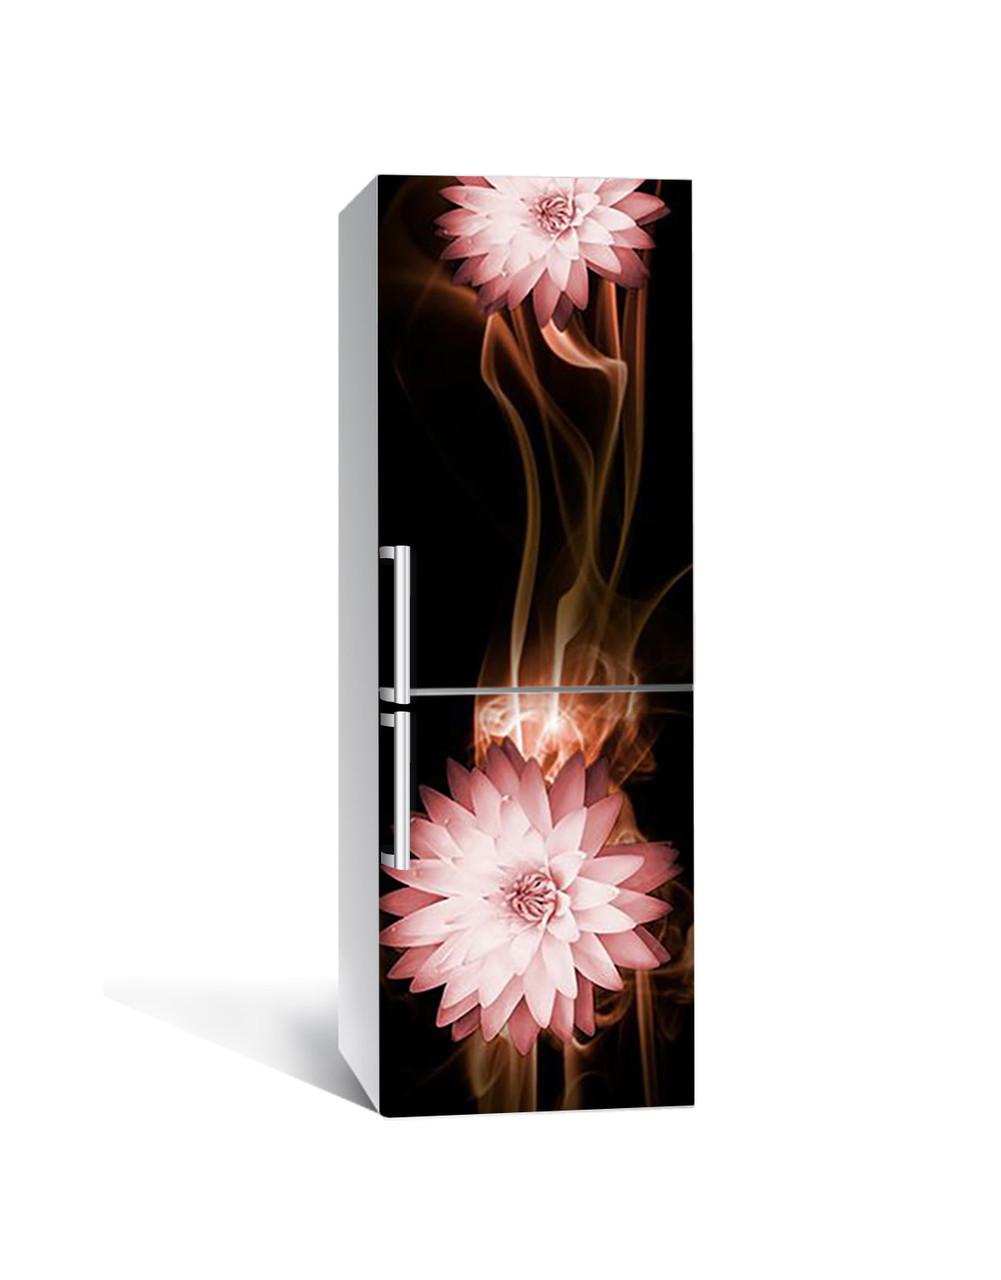 Виниловая 3Д наклейка на холодильник Цветы Скорость (самоклеющаяся пленка ПВХ) линии Абстракция Коричневый 650*2000 мм